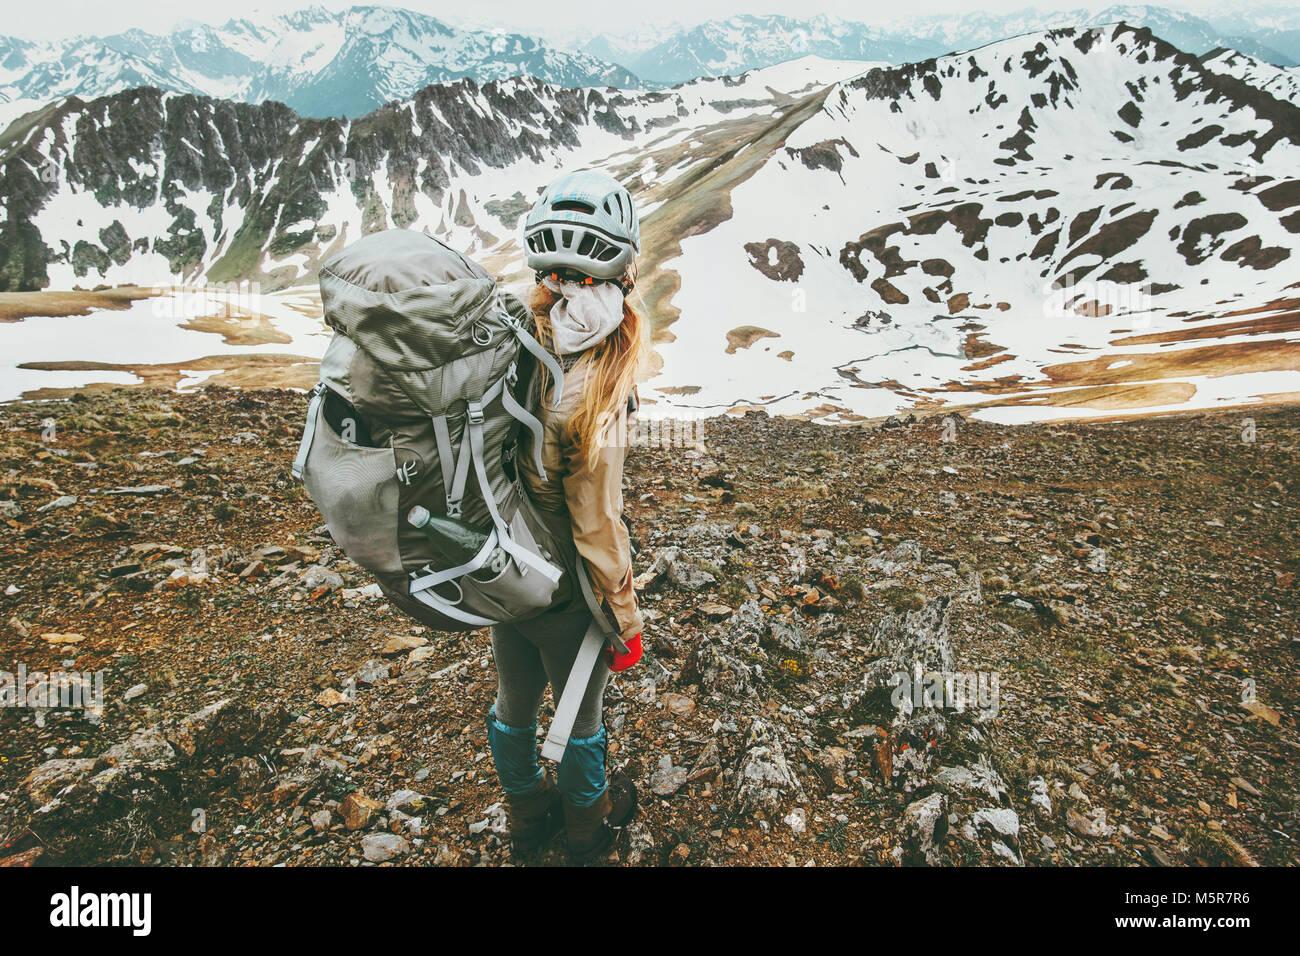 Traveler Femme avec sac à dos en randonnée dans les montagnes de vie de voyage adventure concept vacances Photo Stock